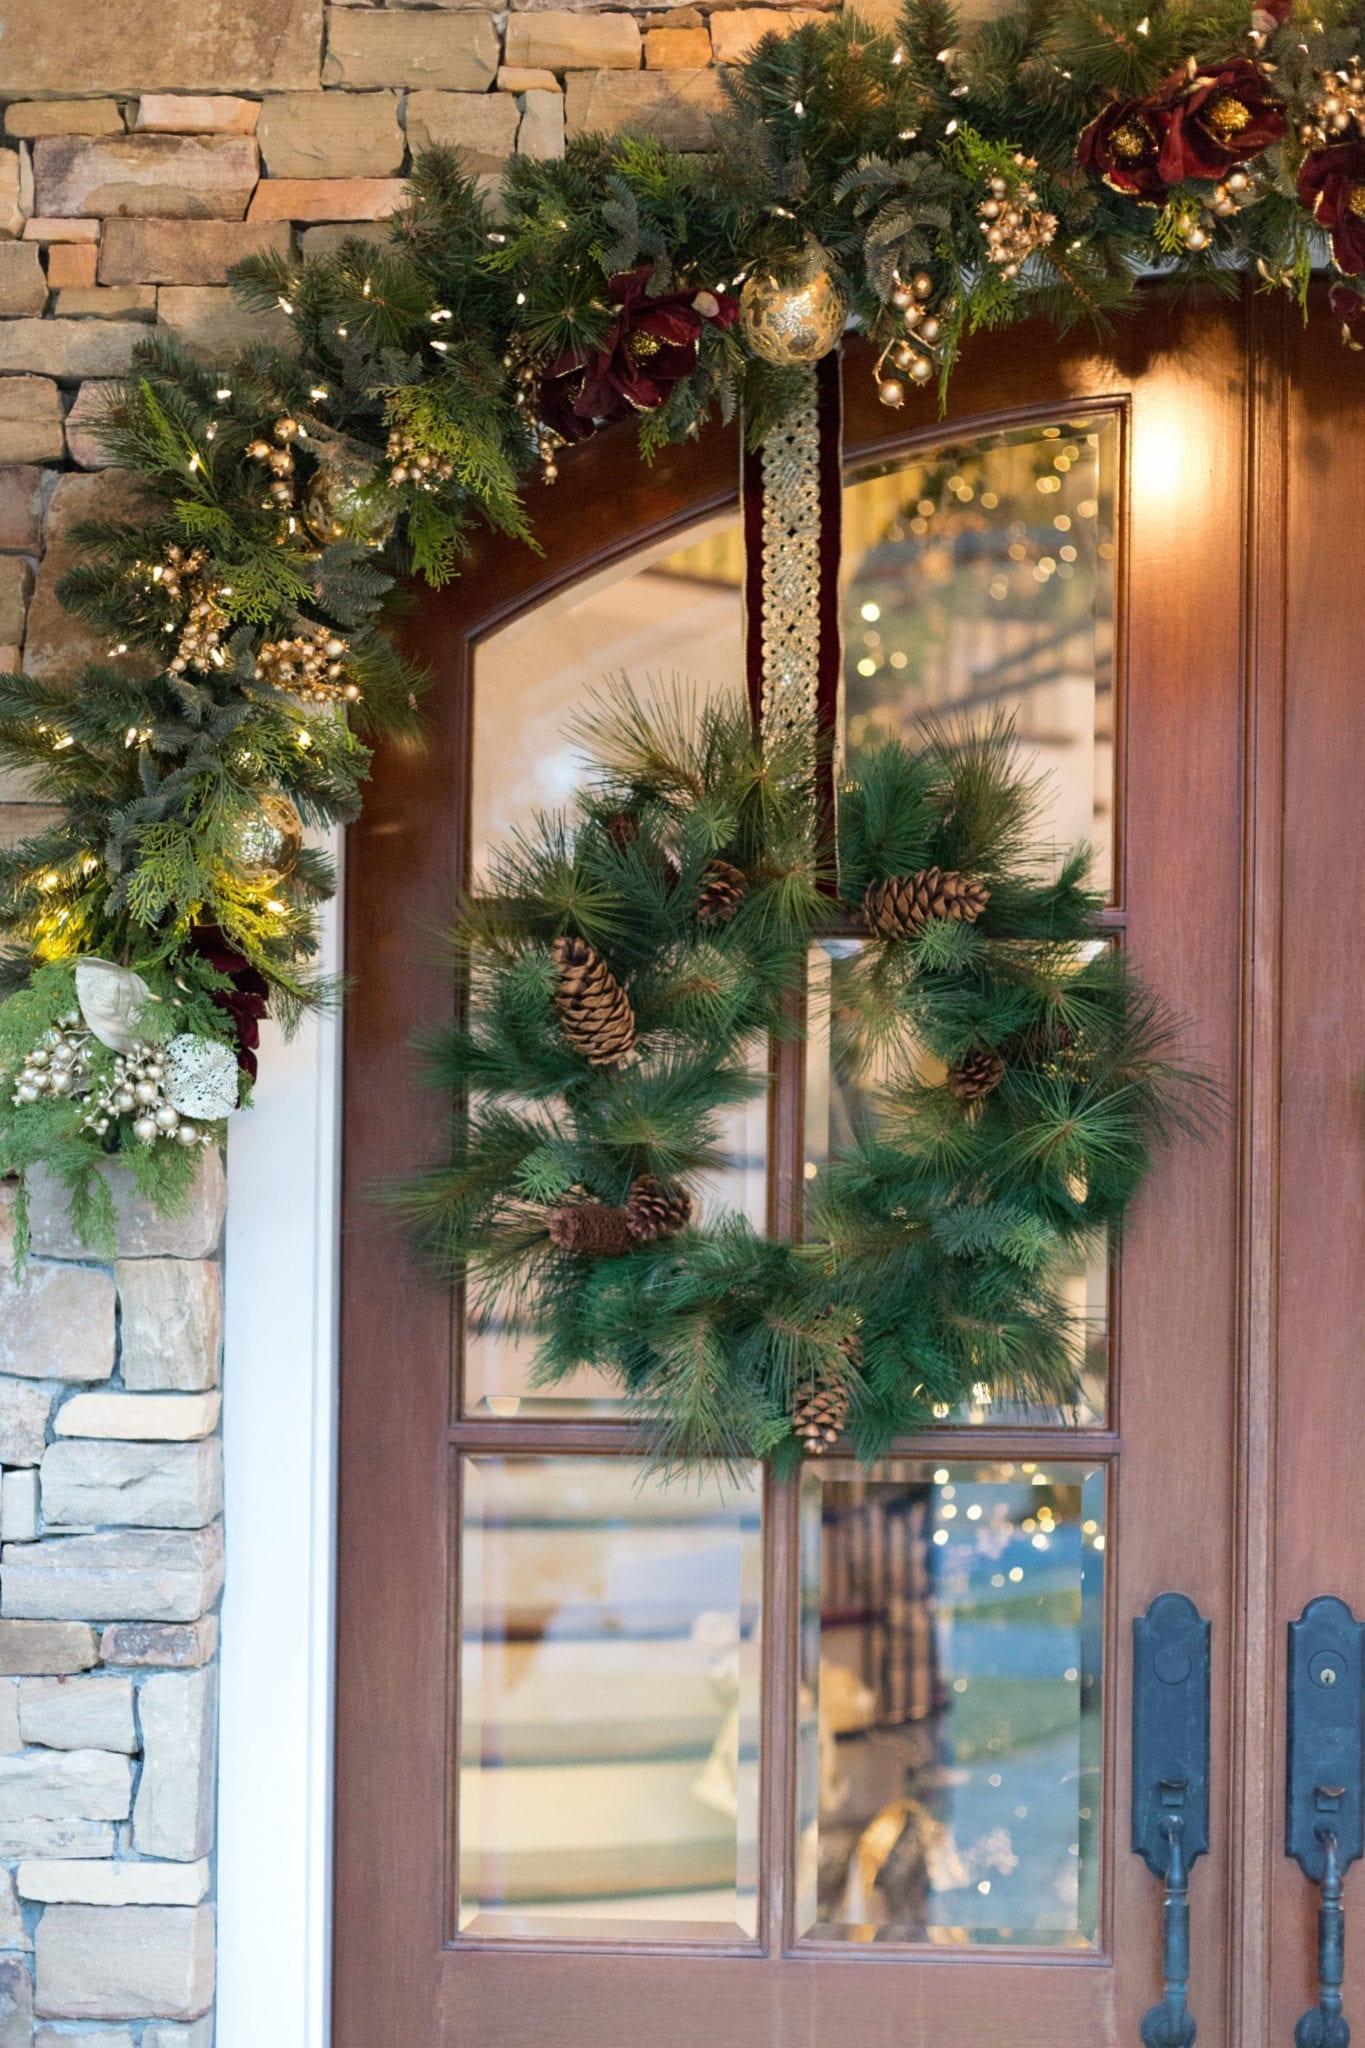 How to Hang a Wreath on a Door